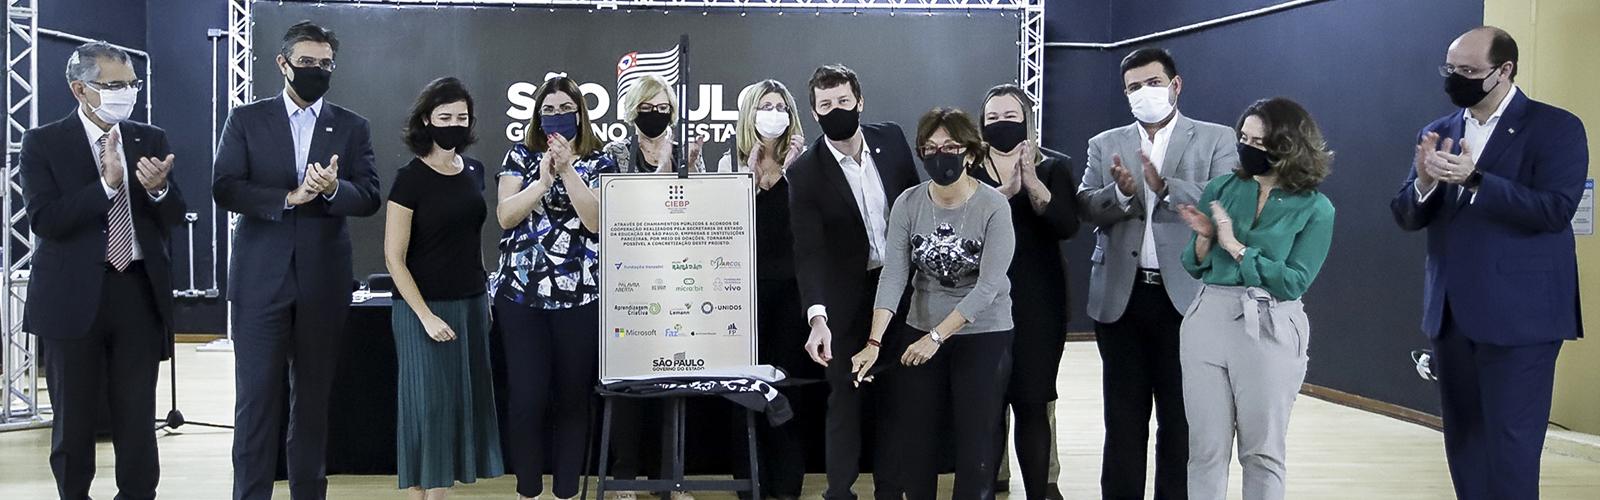 Foto mostra um grupo de pessoas reunidos no dia da inauguração do Centro de Inovação da Educação Básica Paulista (CIEBP),